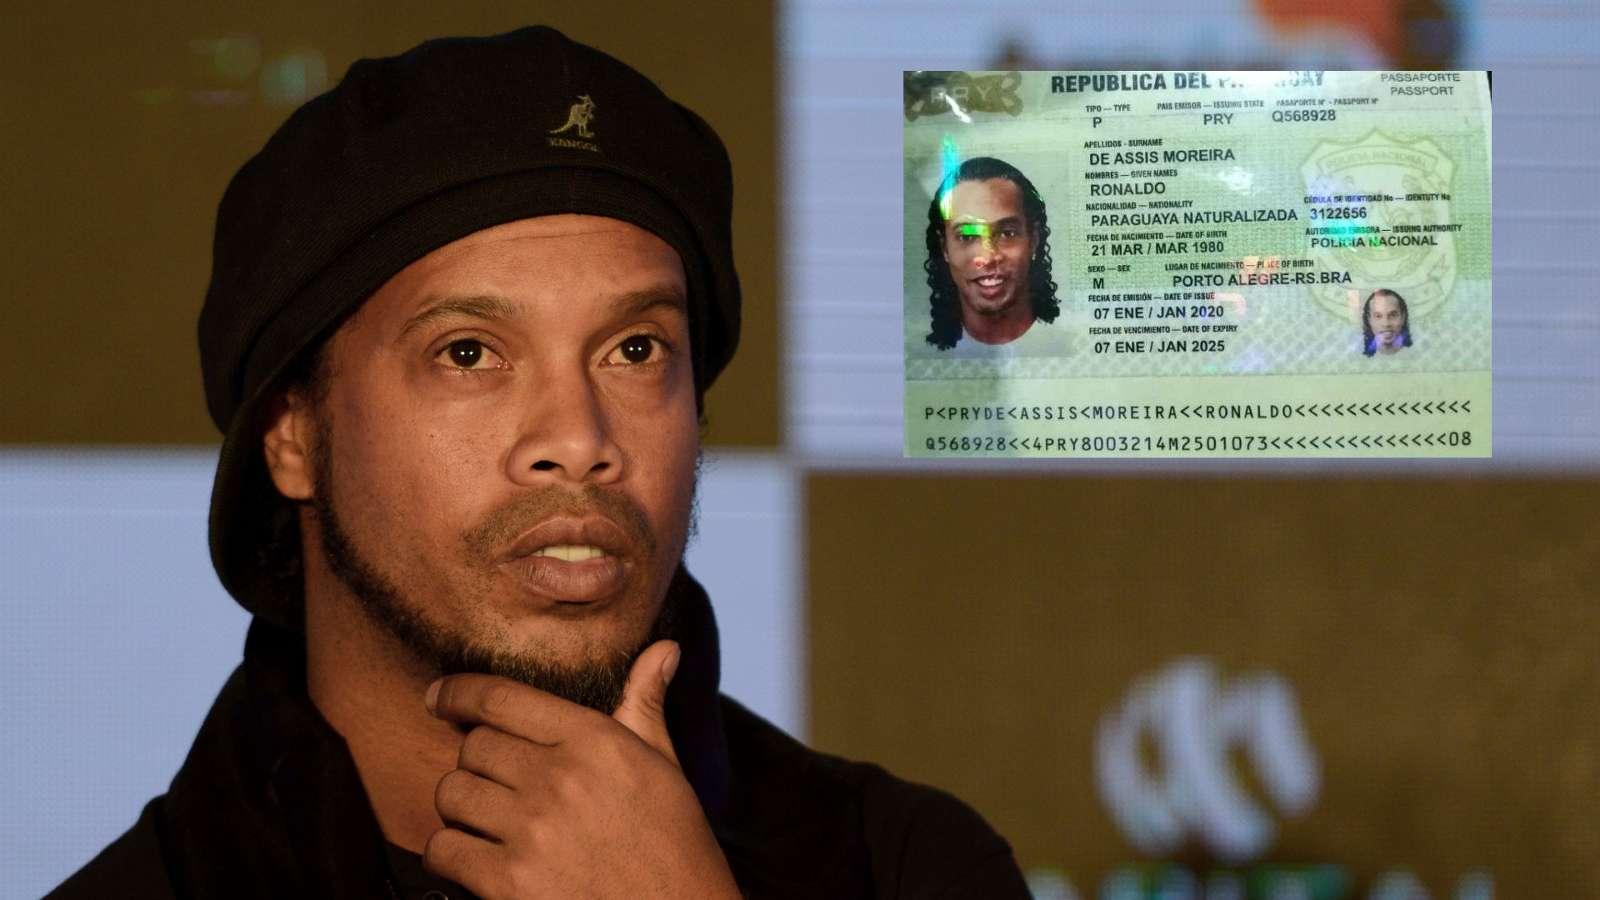 Ronaldinho pranon fajin, gjobitet dhe lihet i lirë në Paraguai